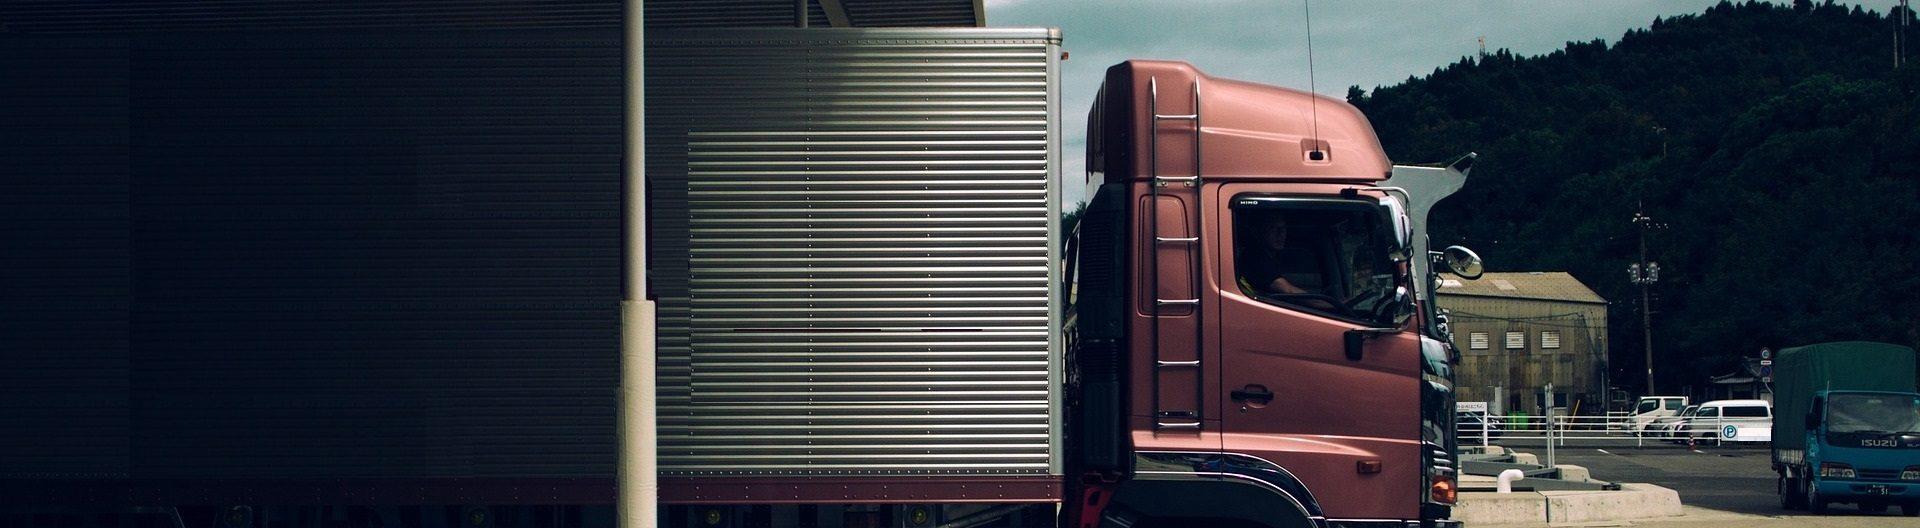 Sefaz revoga resolução que onerava empresas em operações de transportes de carga